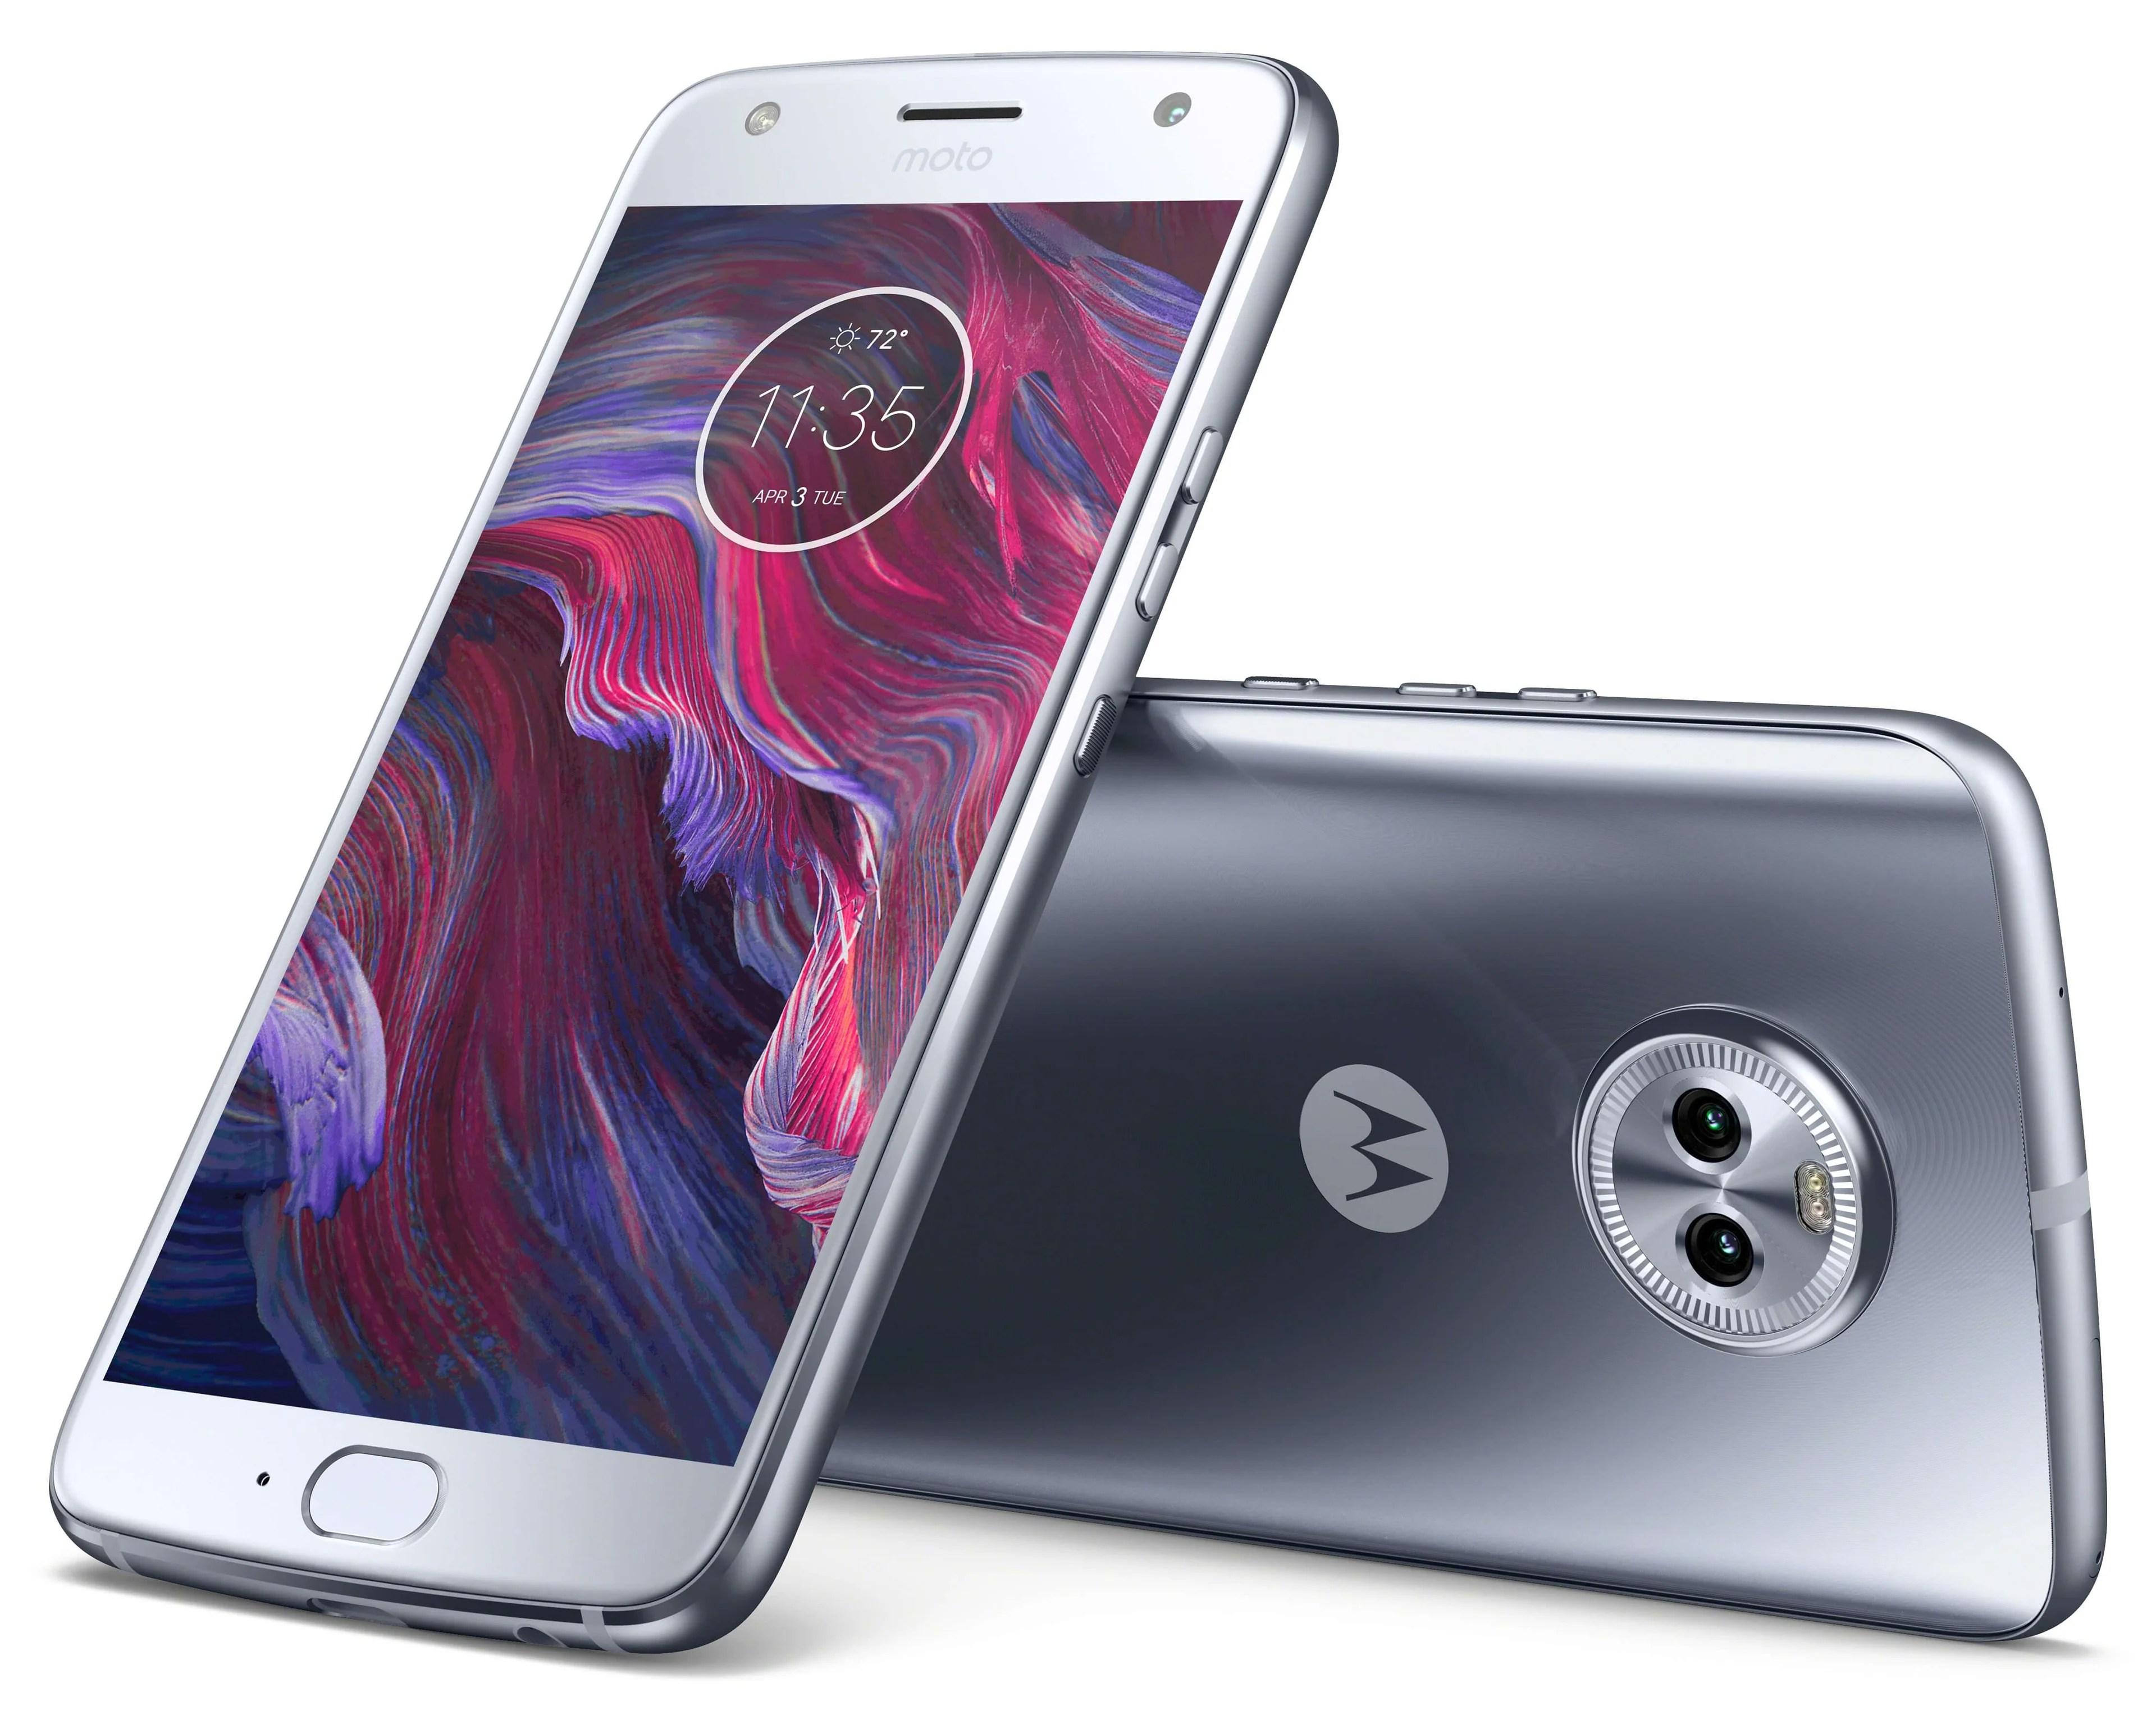 Unboxing du Motorola Moto X4, un milieu de gamme équilibré